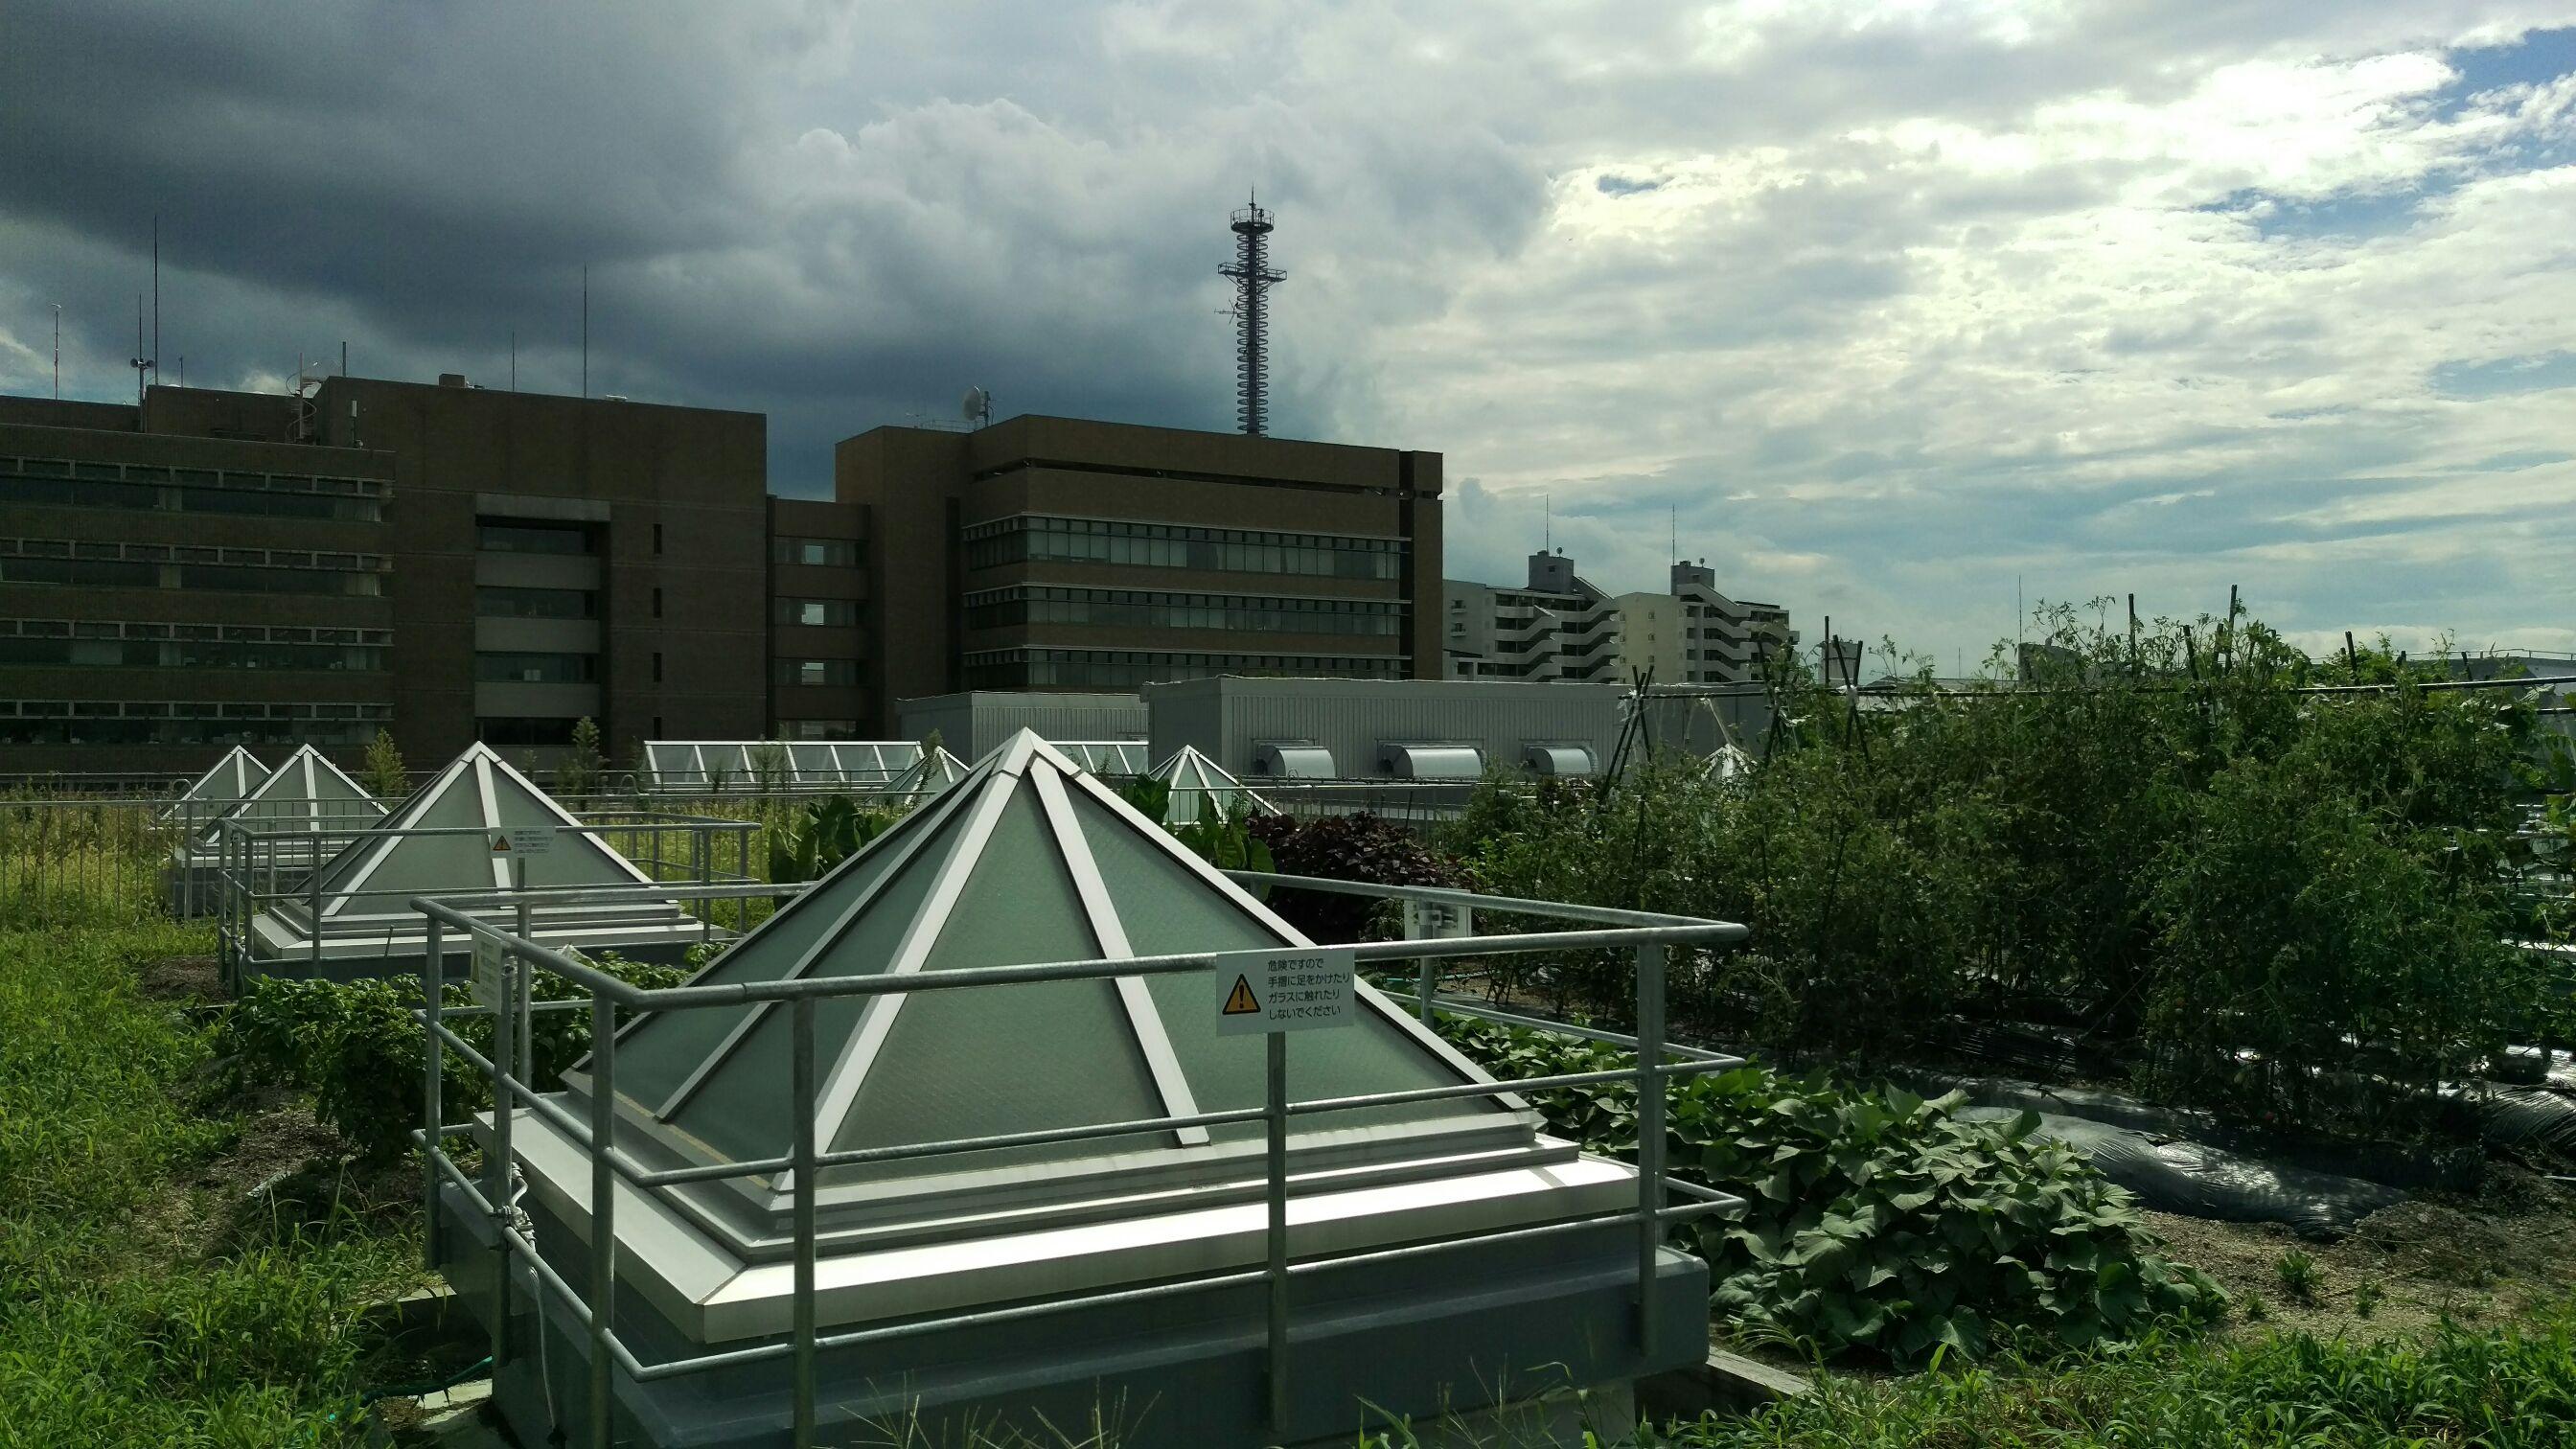 武蔵野クリーンセンター視察